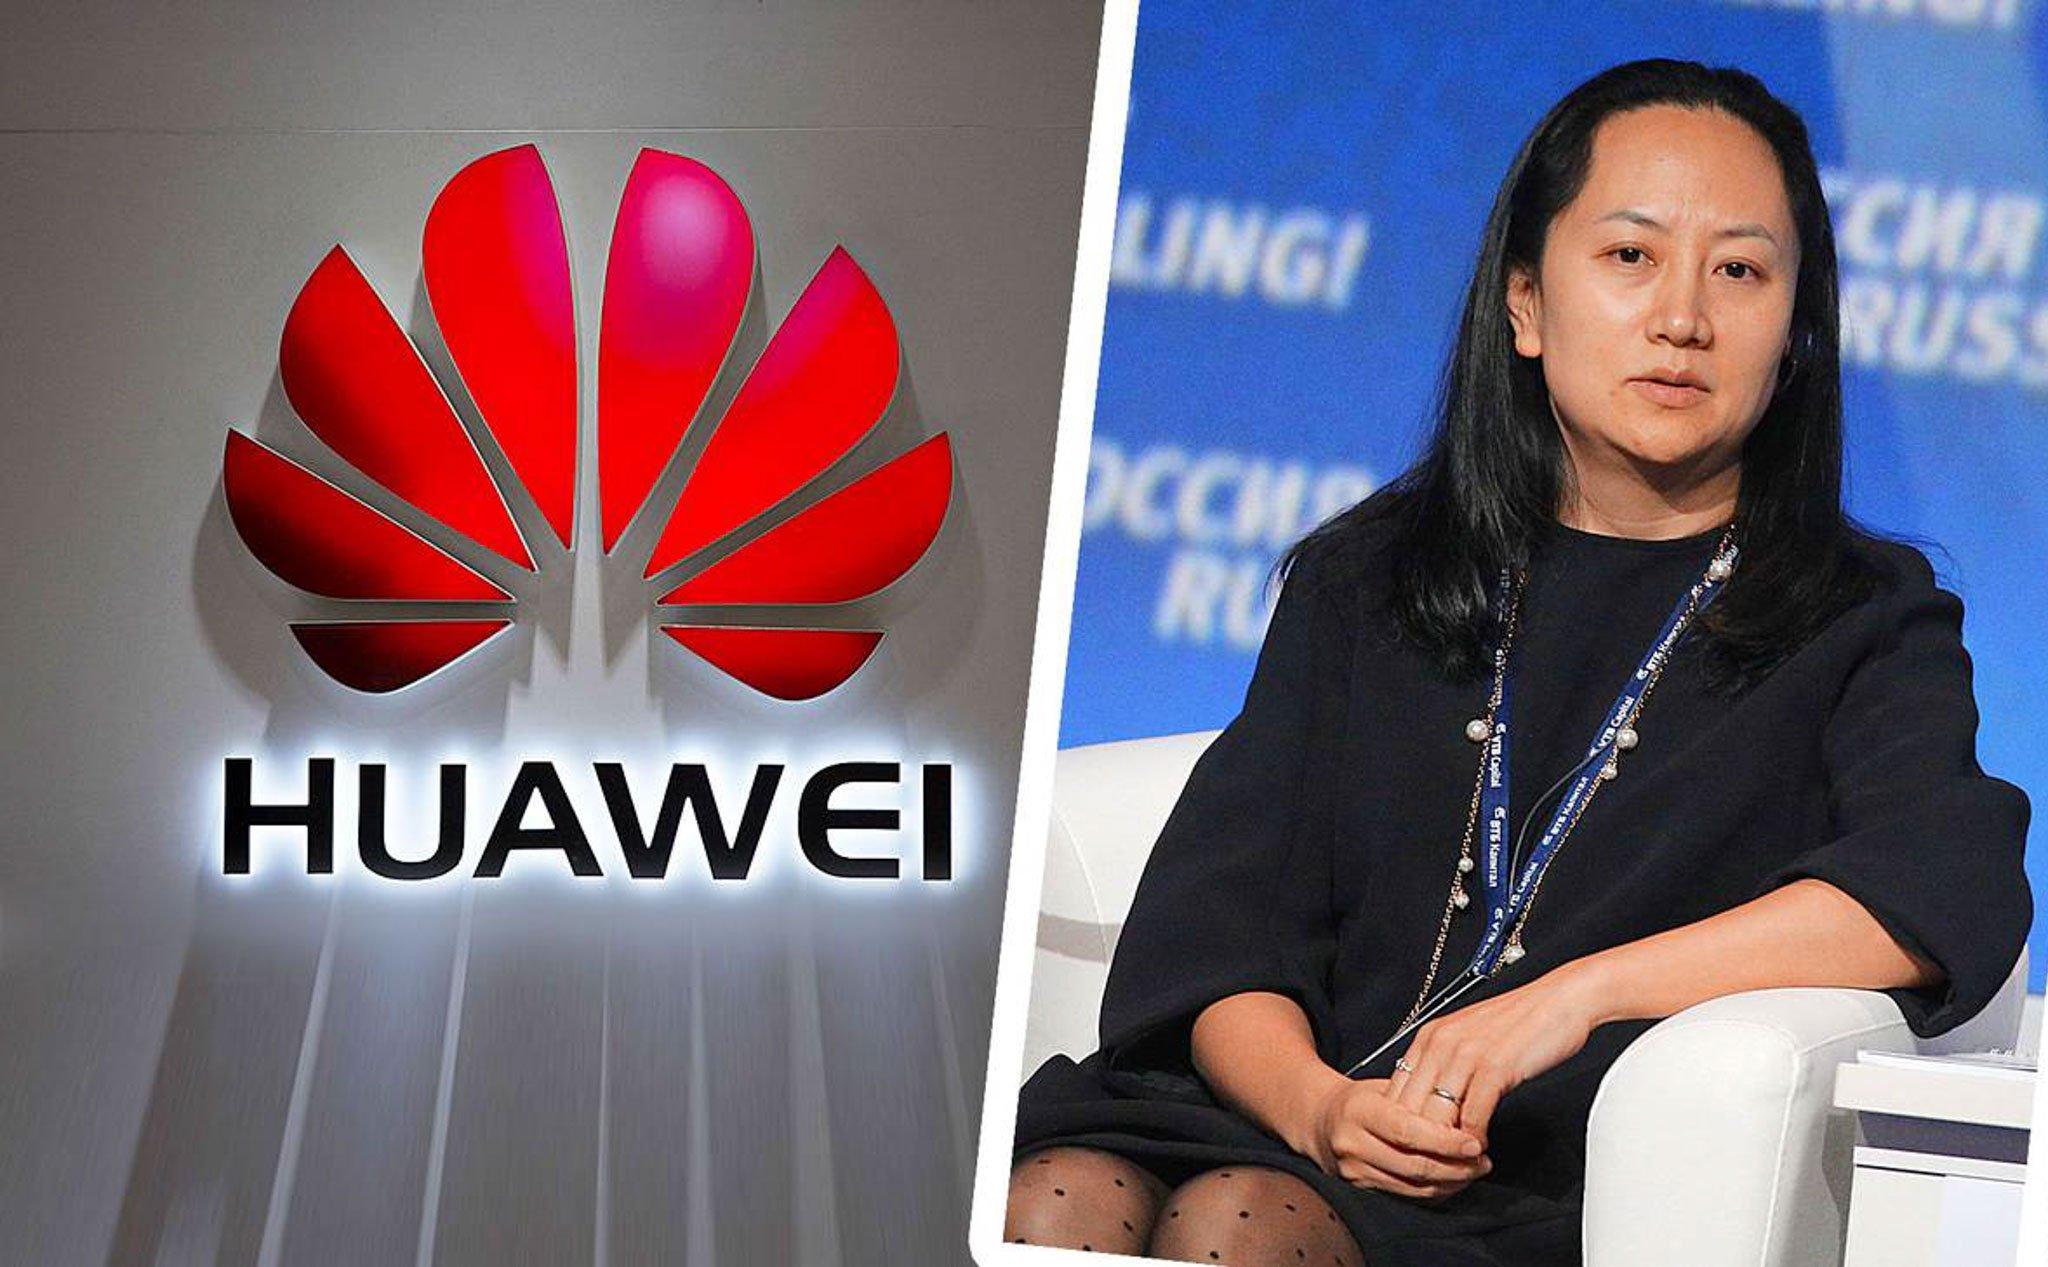 CFO Huawei có thể đối mặt án tù 30 năm với tội danh lừa đảo nhiều tổ chức tài chính - Hình 1